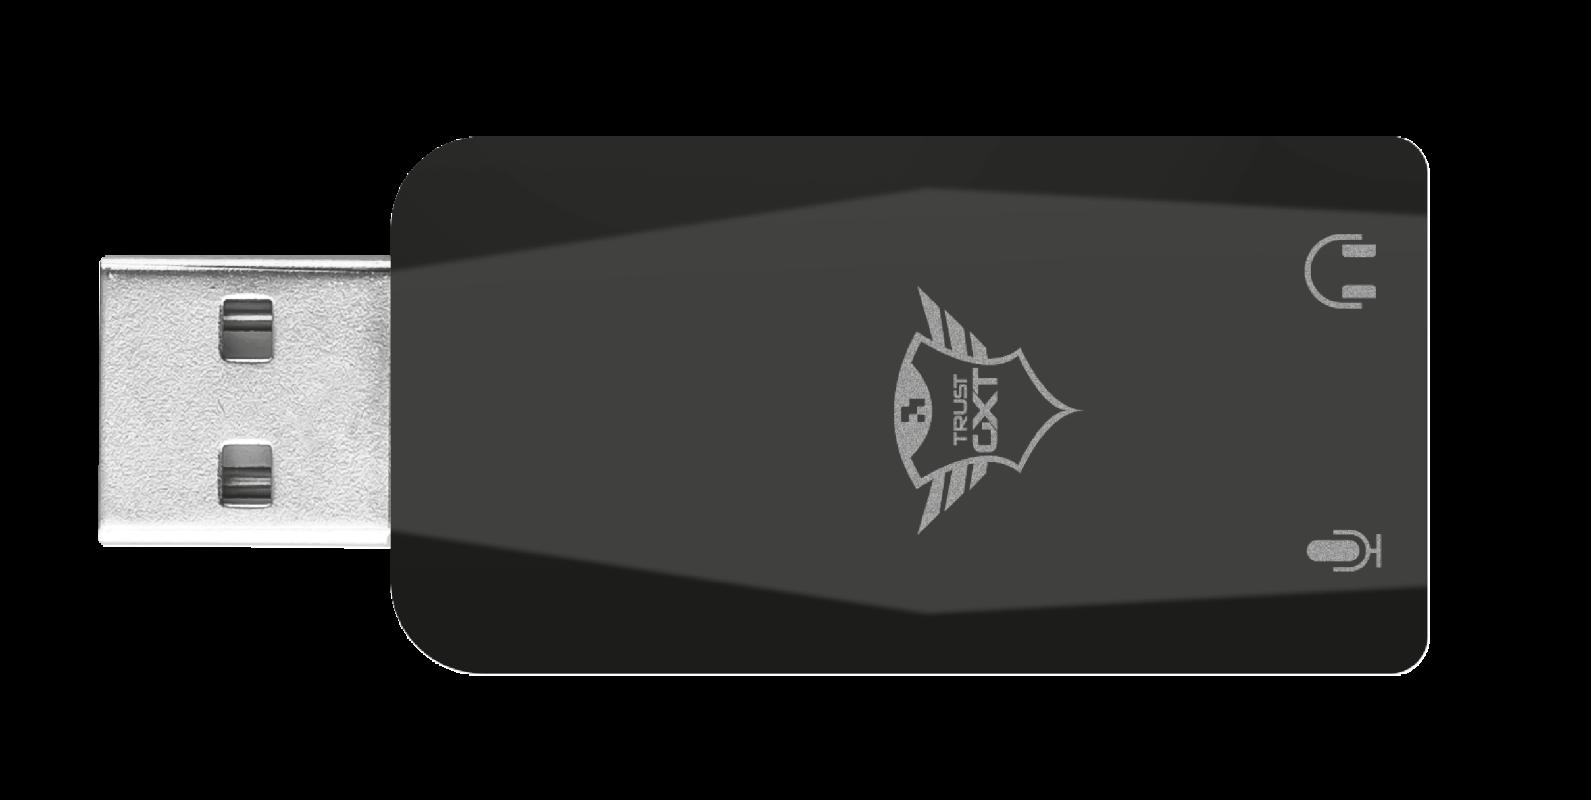 Microfono Trust GXT 212 Usb/ Plug 3.5